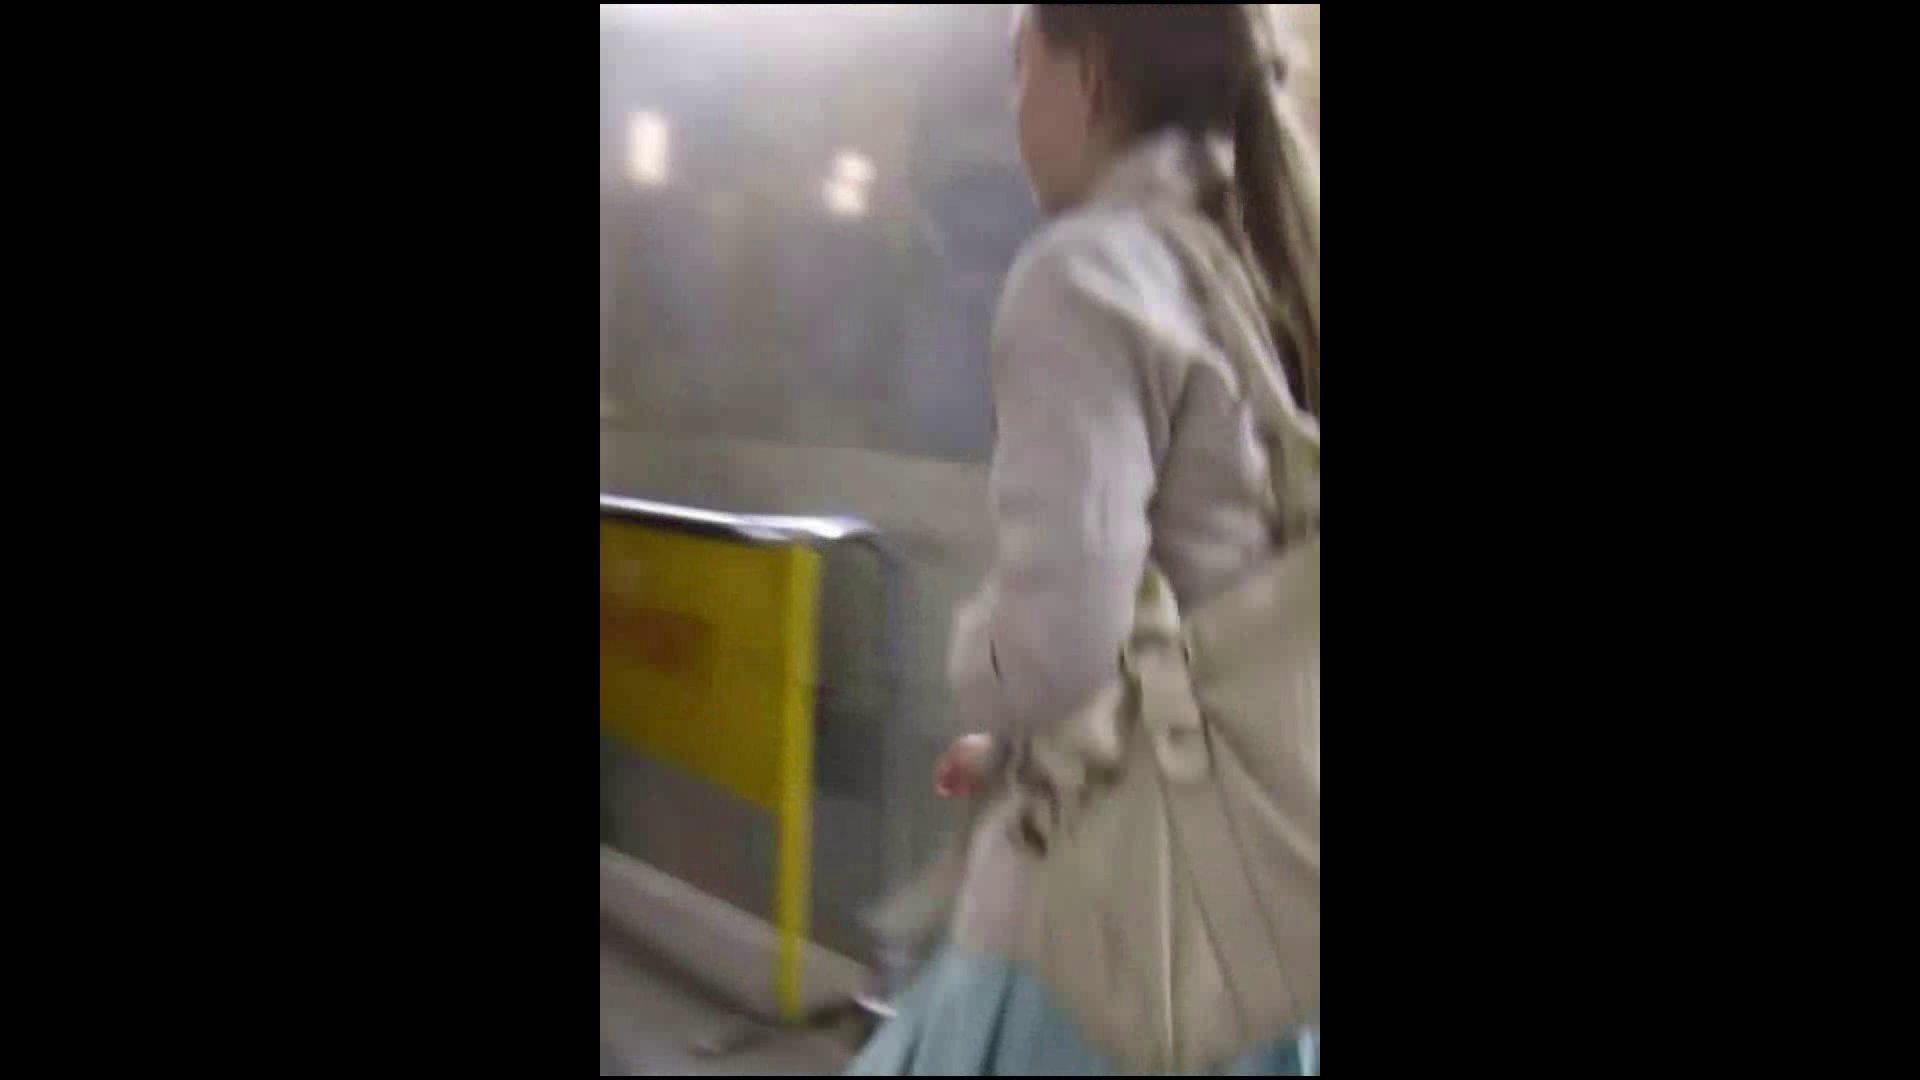 綺麗なモデルさんのスカート捲っちゃおう‼vol06 OL女体   お姉さん  94連発 7